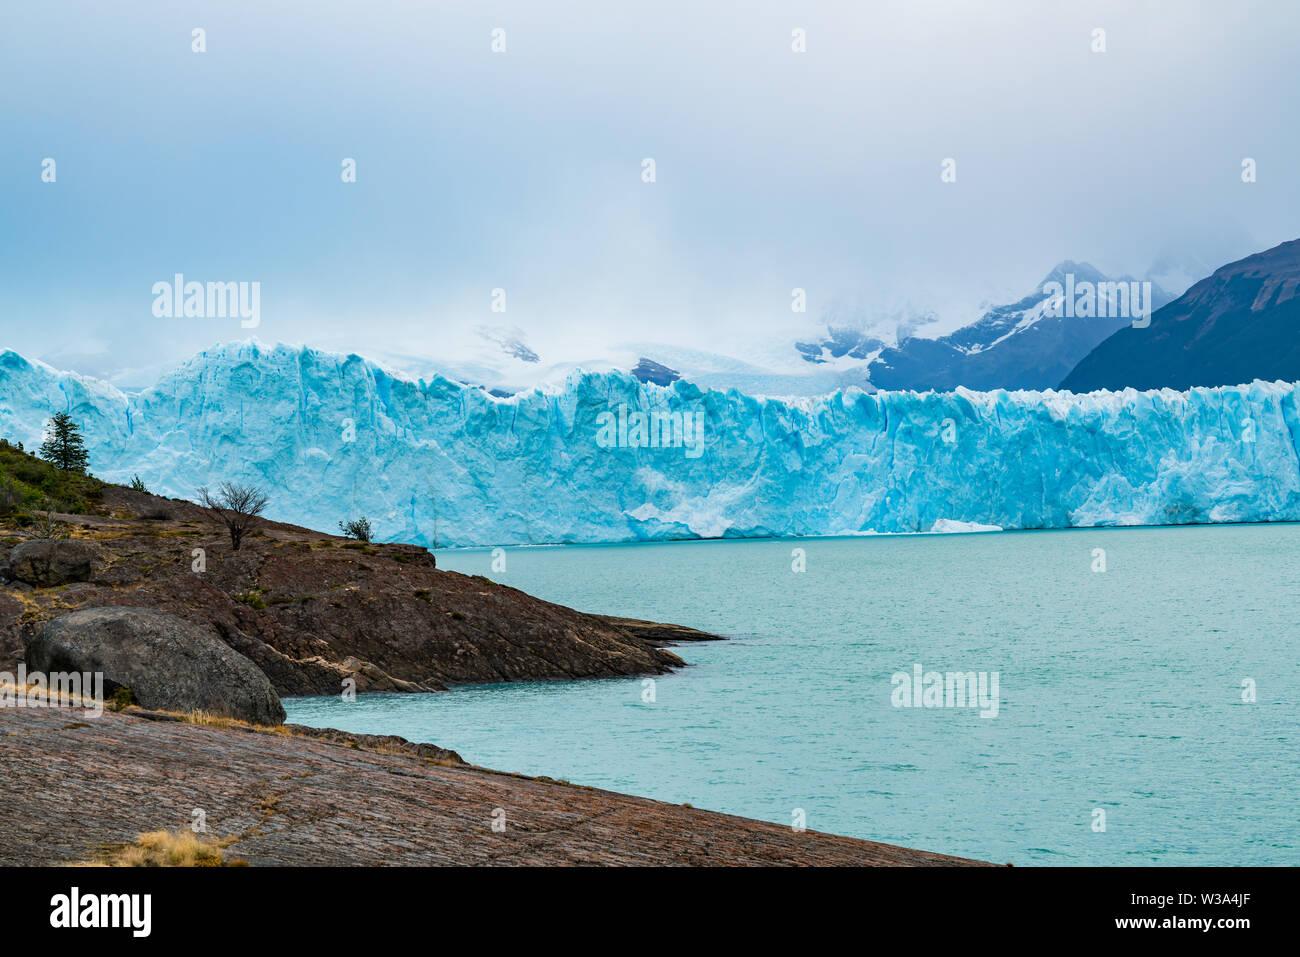 Blue iceberg of Perito Moreno Glacier and Argentina Lake at Los Glaciares National Park in Argentina Patagonia - Stock Image